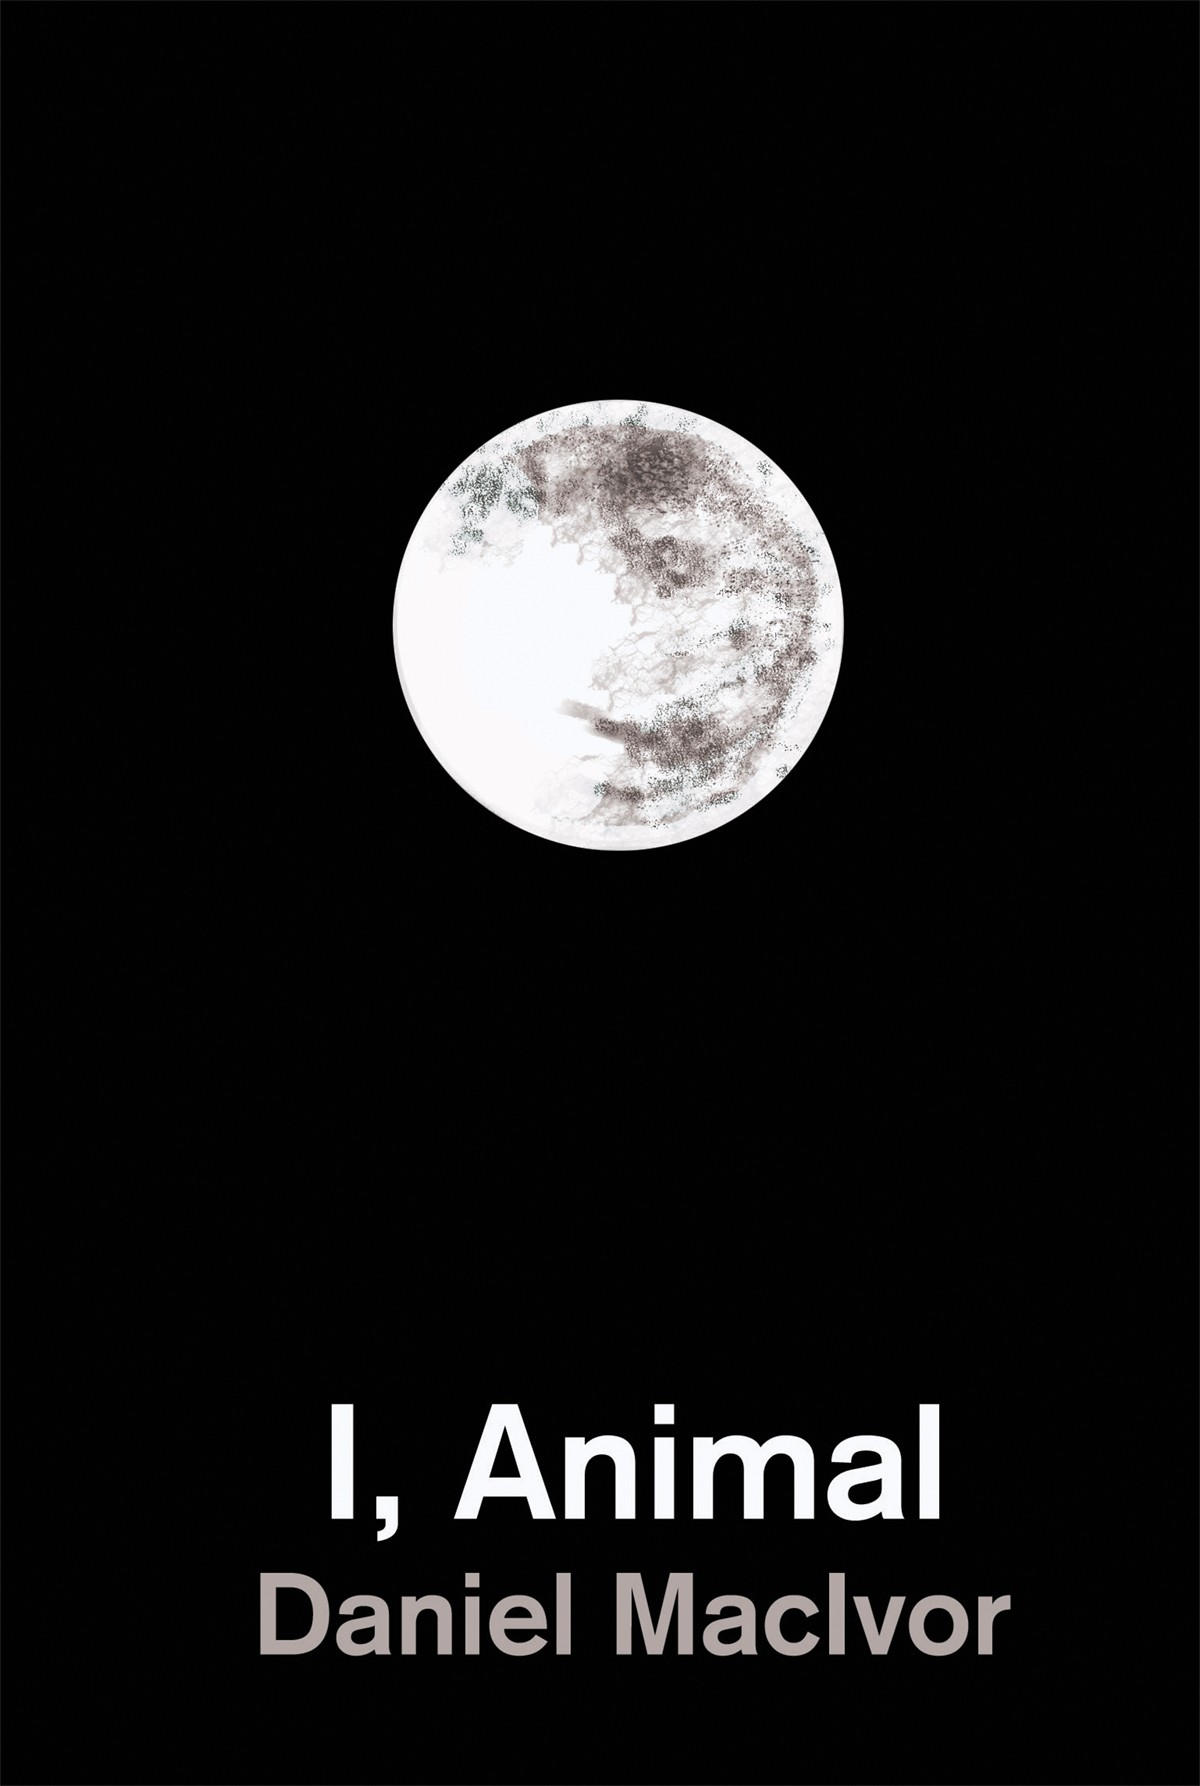 I, Animal (print)